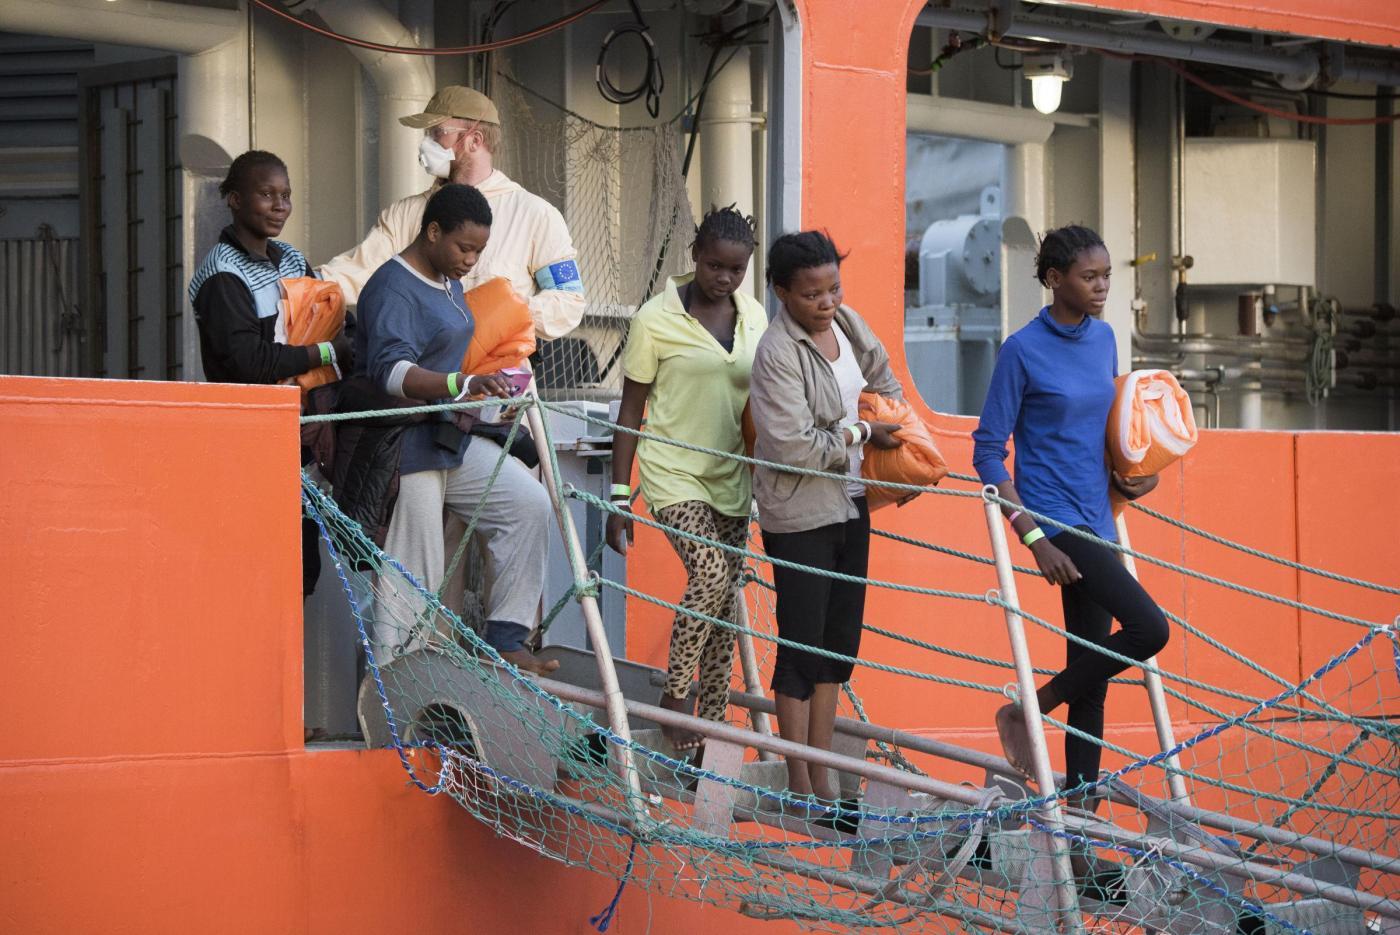 Sbarco di migranti in Sicilia